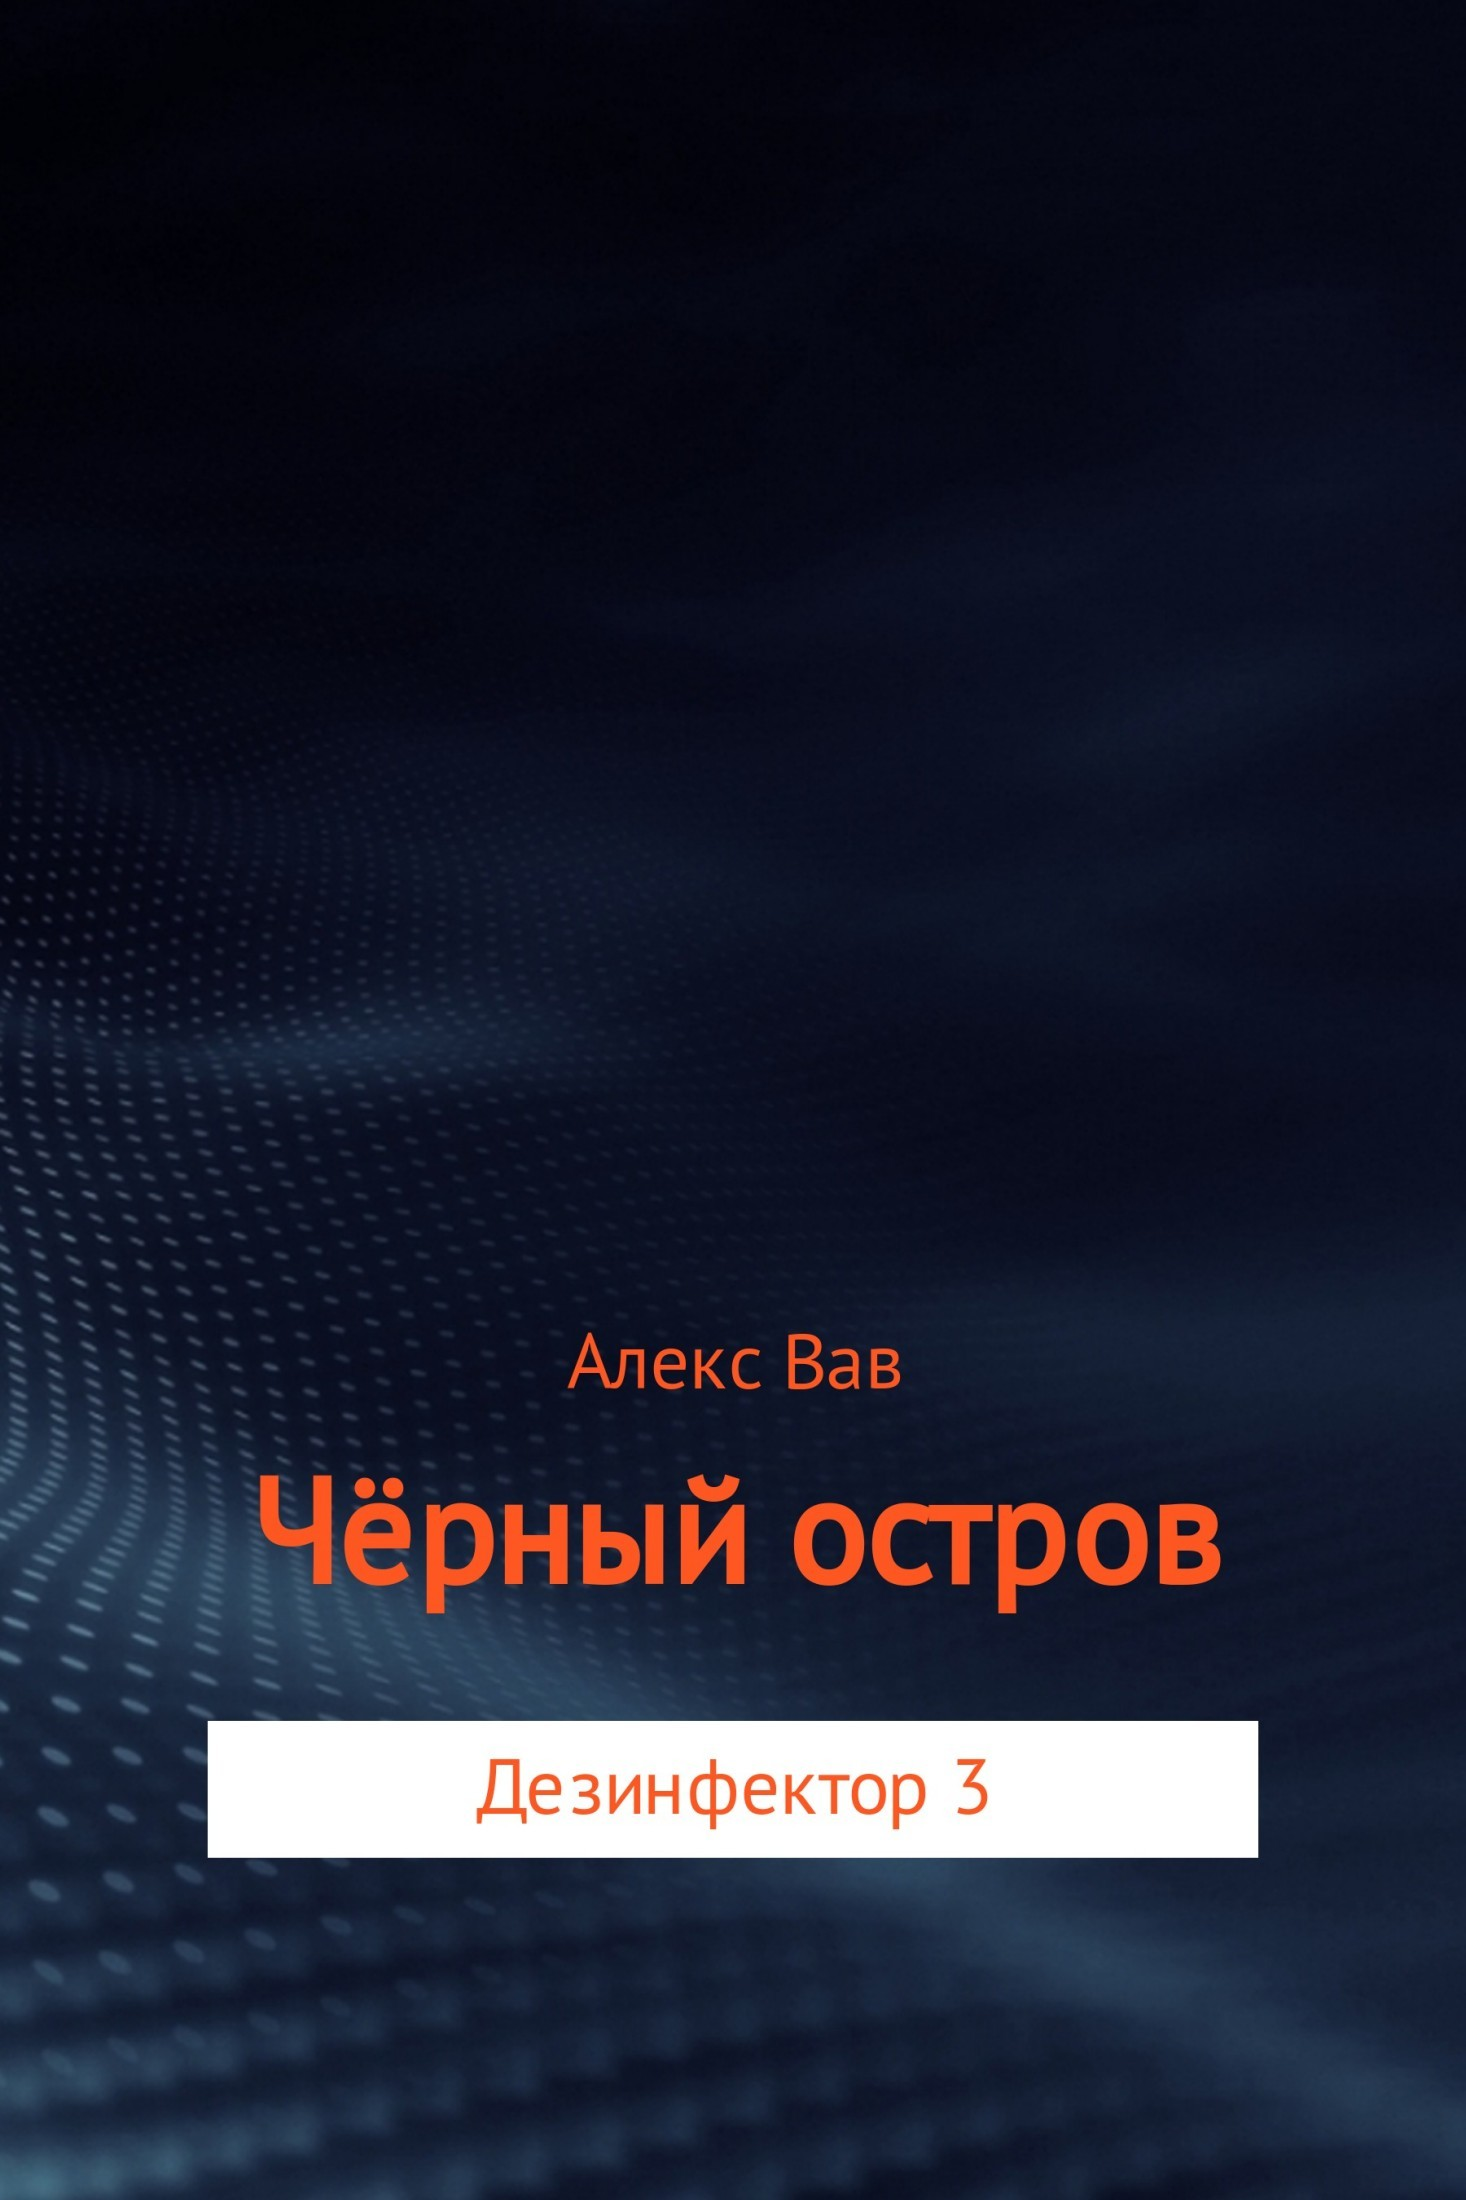 Алекс Вав бесплатно